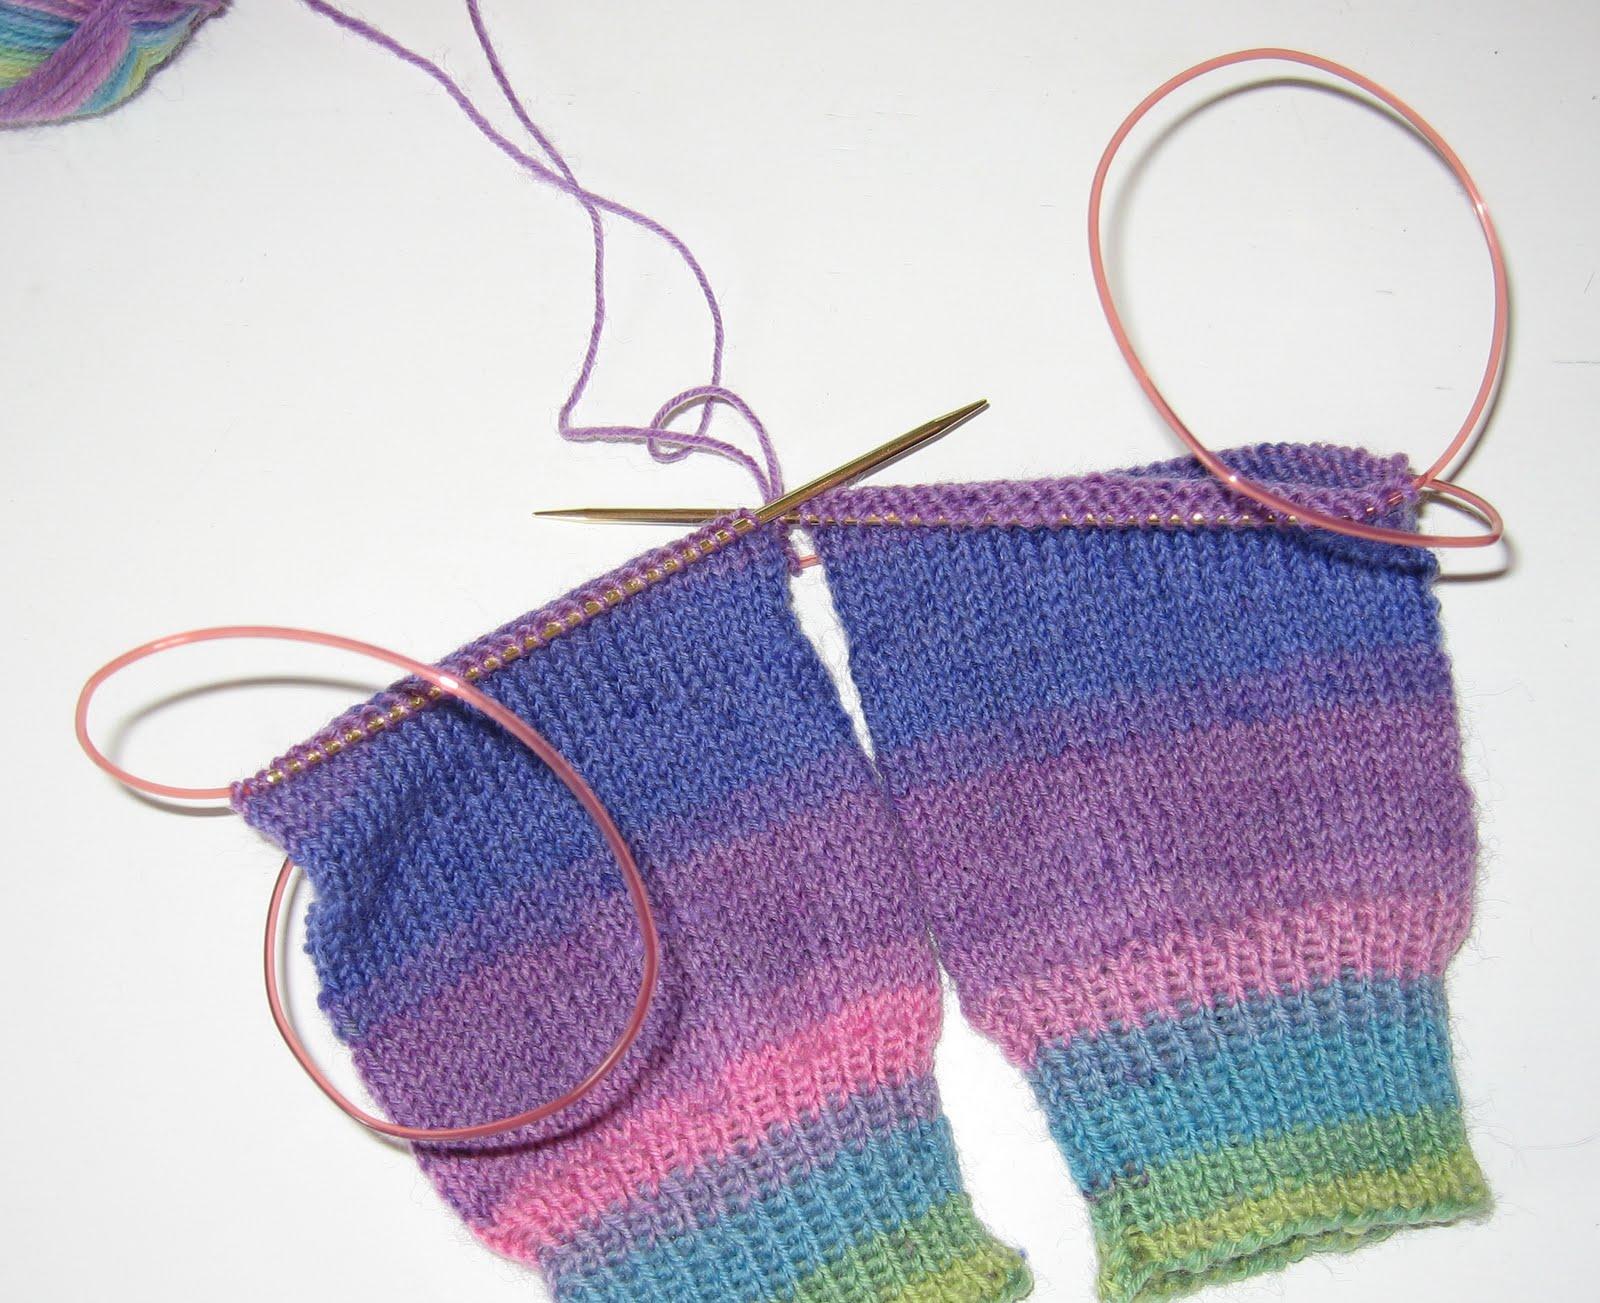 Jeg strikker mange sokker kan jeg ikke lige finde på andet at strikke